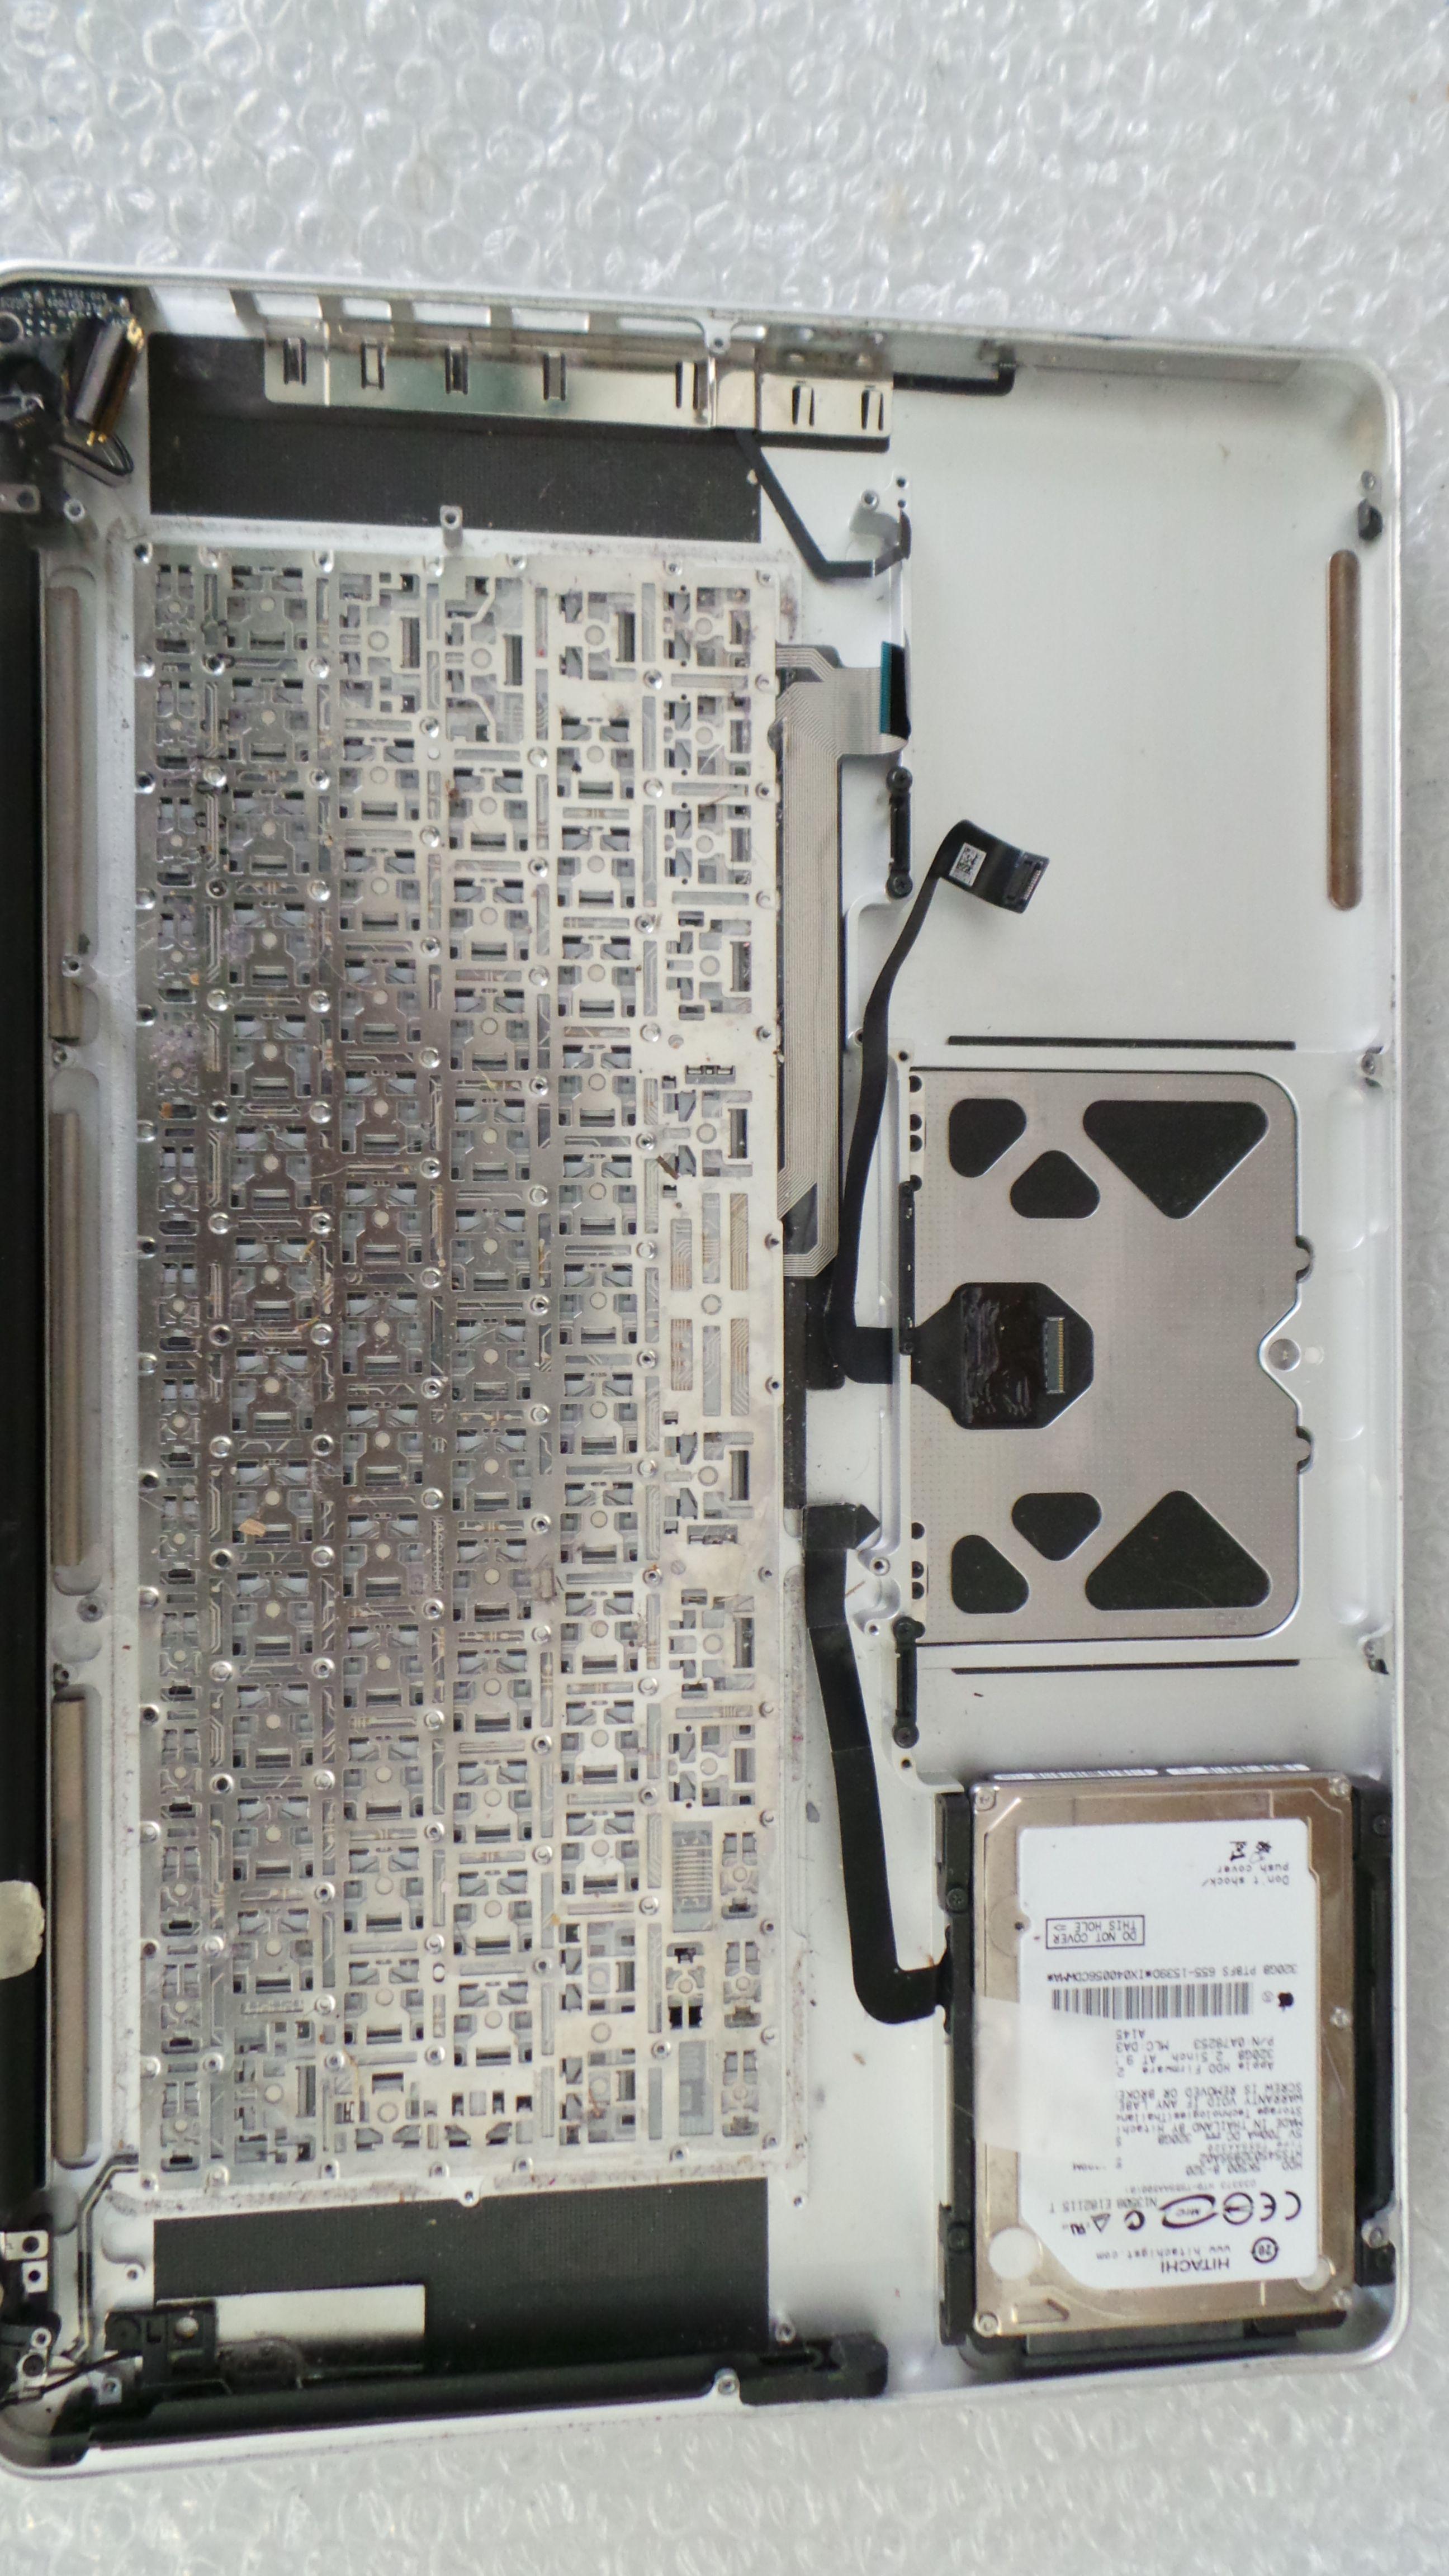 MacBook Pro (15-inch, Unibody) Liquid Damage Repair